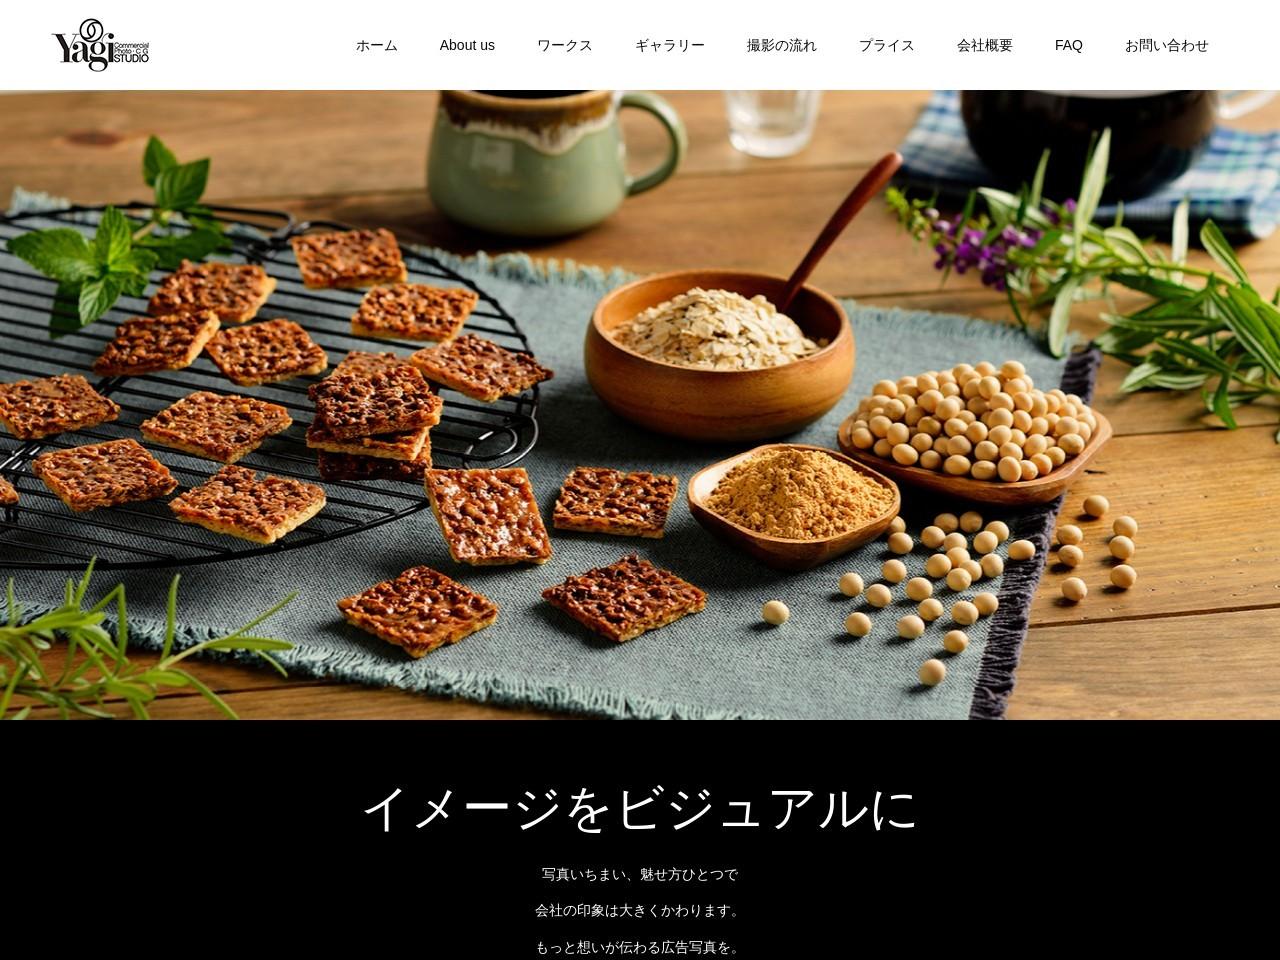 株式会社八木スタジオ